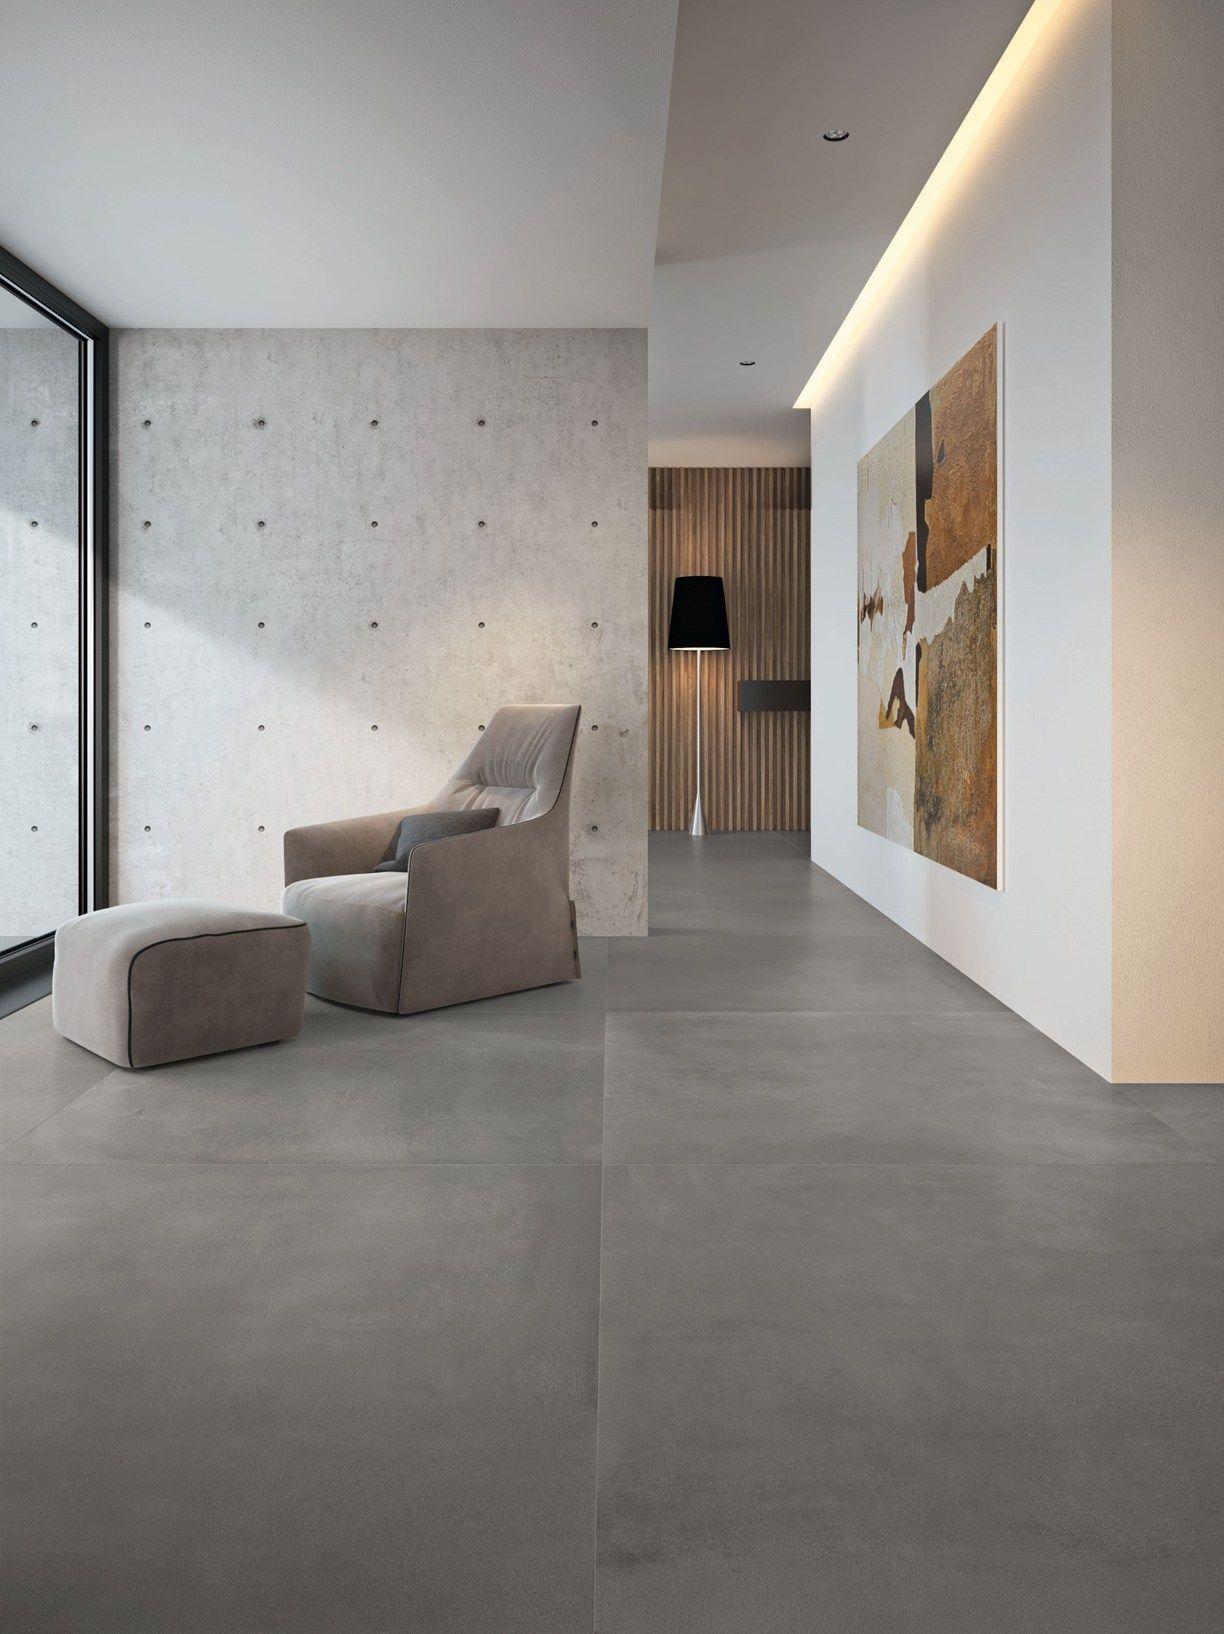 Piastrelle Moderne Per Interni pareti in cemento per interni pavimenti casa moderna marazzi